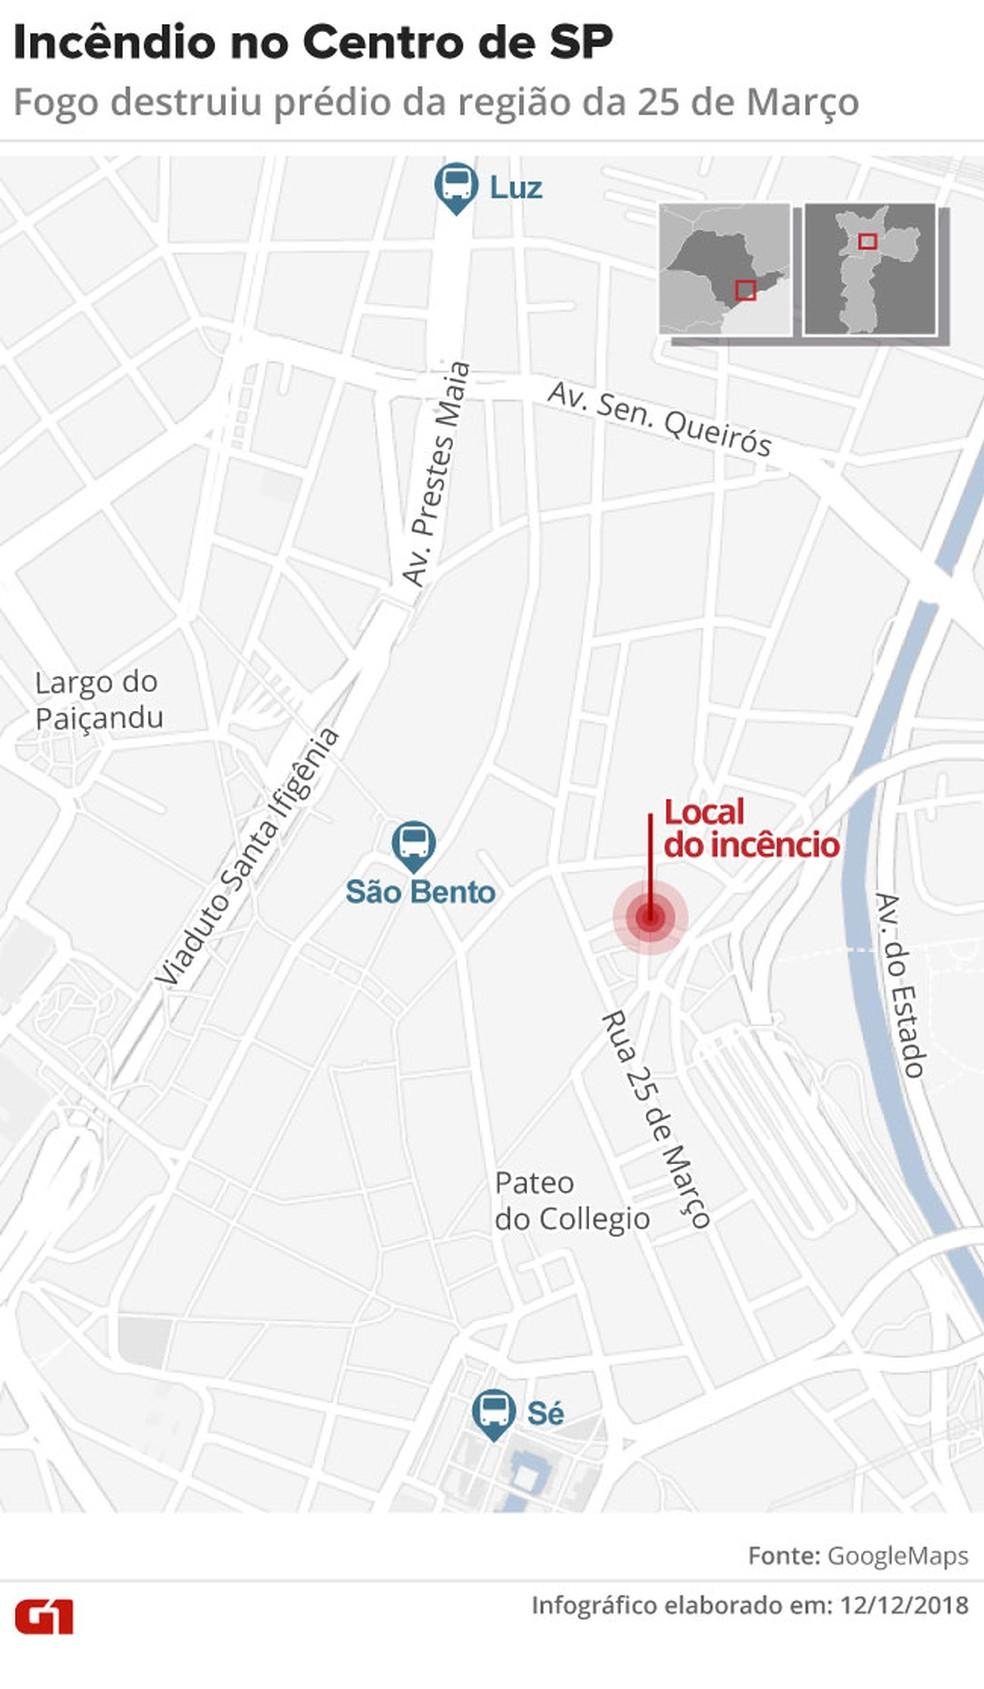 Mapa mostra o local do incêndio — Foto: Karina Almeida/Editoria de Arte/G1